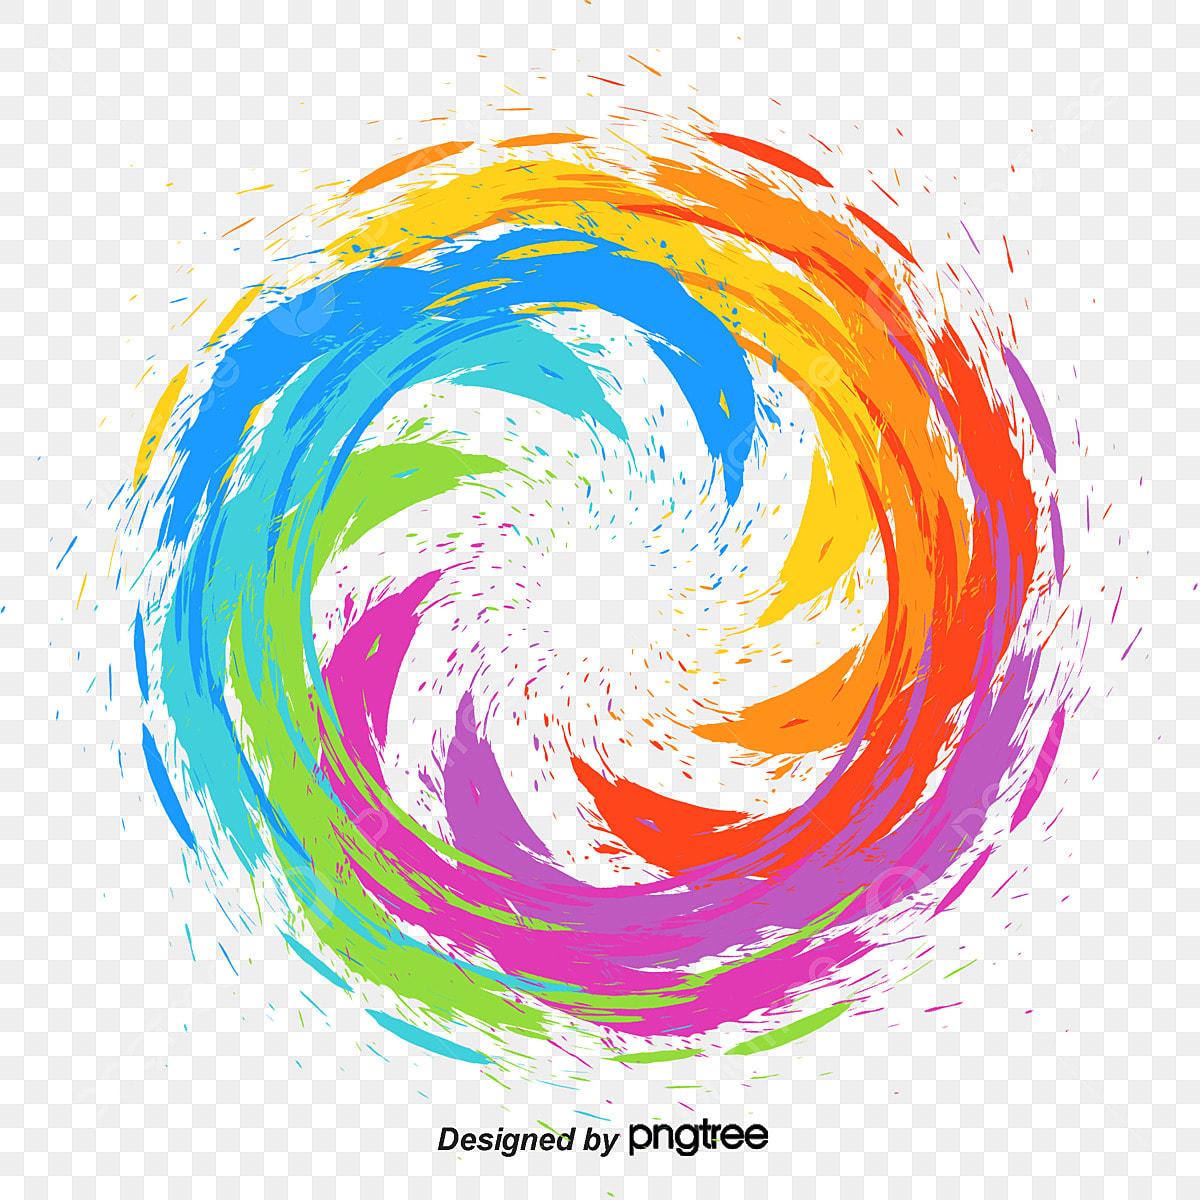 Bức Tranh Nhiều Màu Sắc Inkjet Trang Trí Hình ảnh đơn Giản